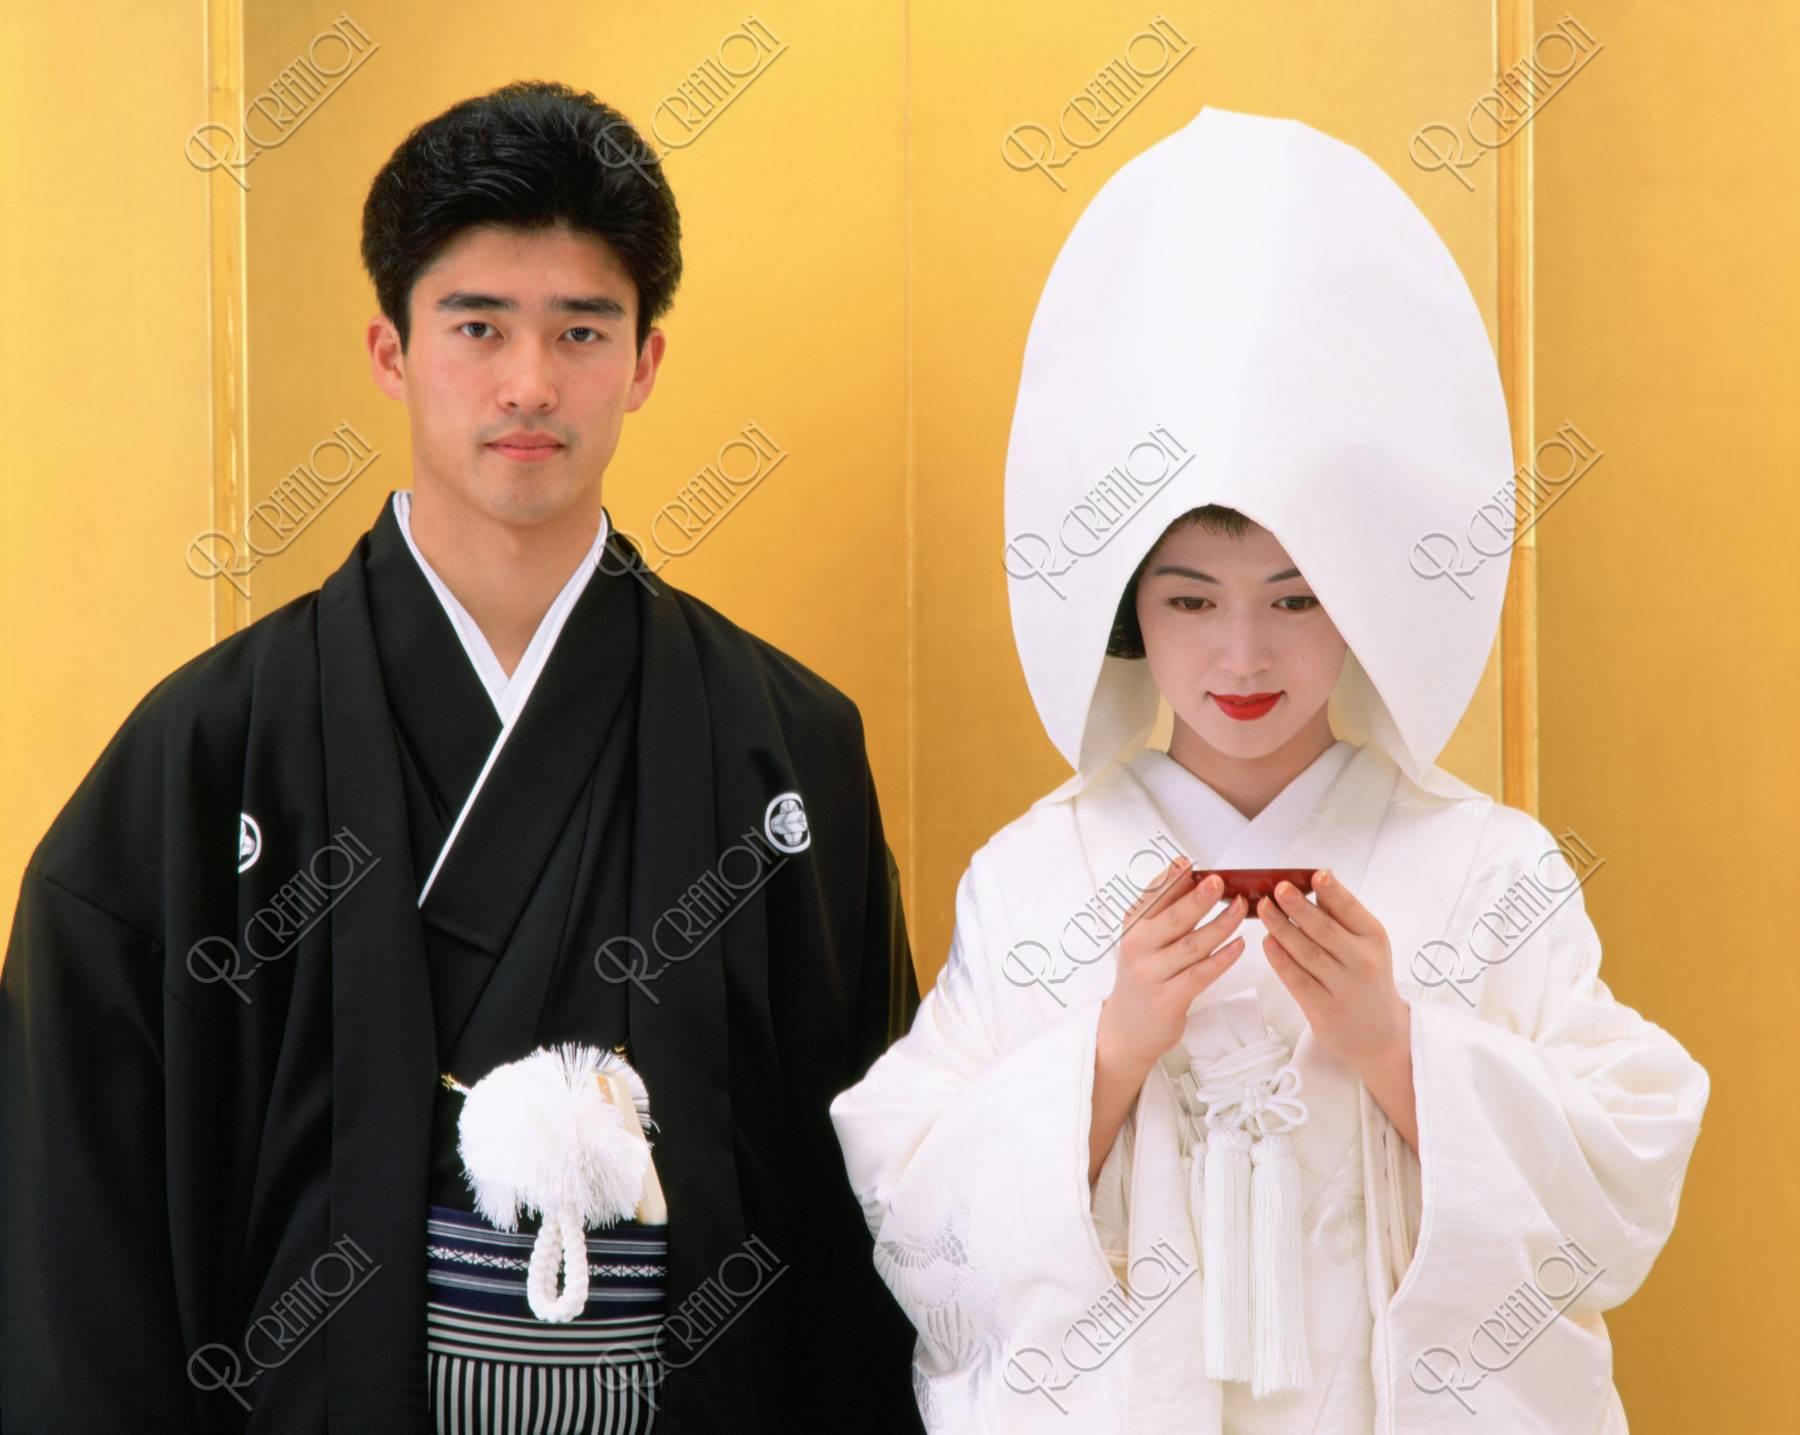 綿帽子で盃を持つ花嫁と花婿